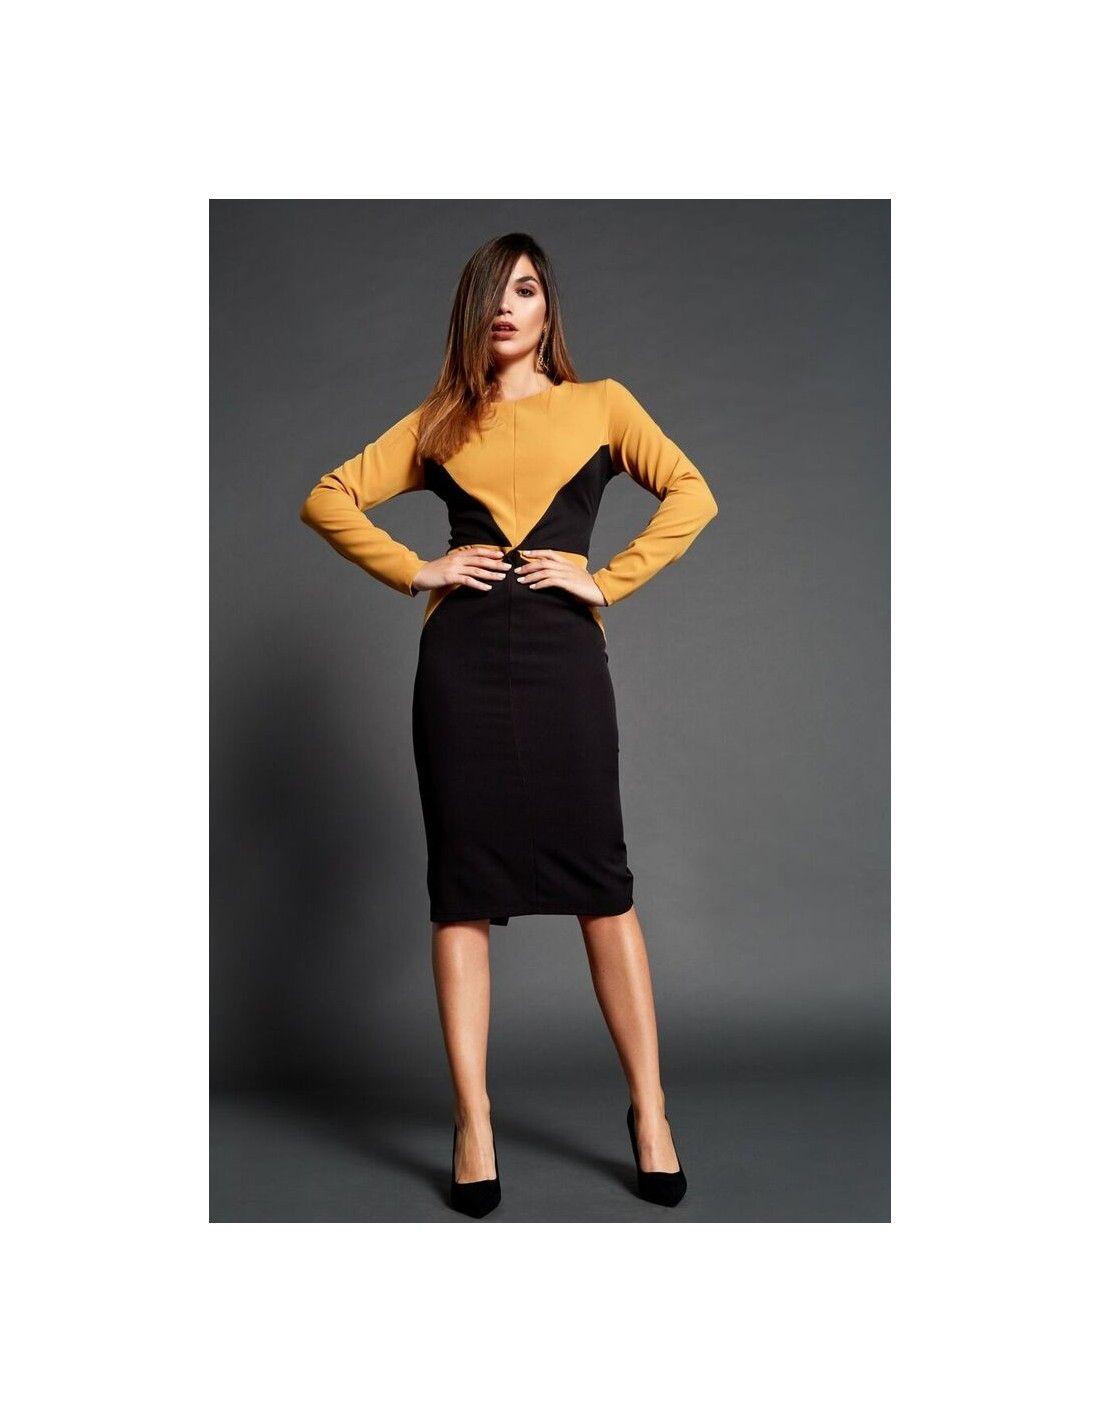 655051a3aca Vestido Emmen - Vestido de corte midi combinado en color mostaza y negro.  Cuello redondo